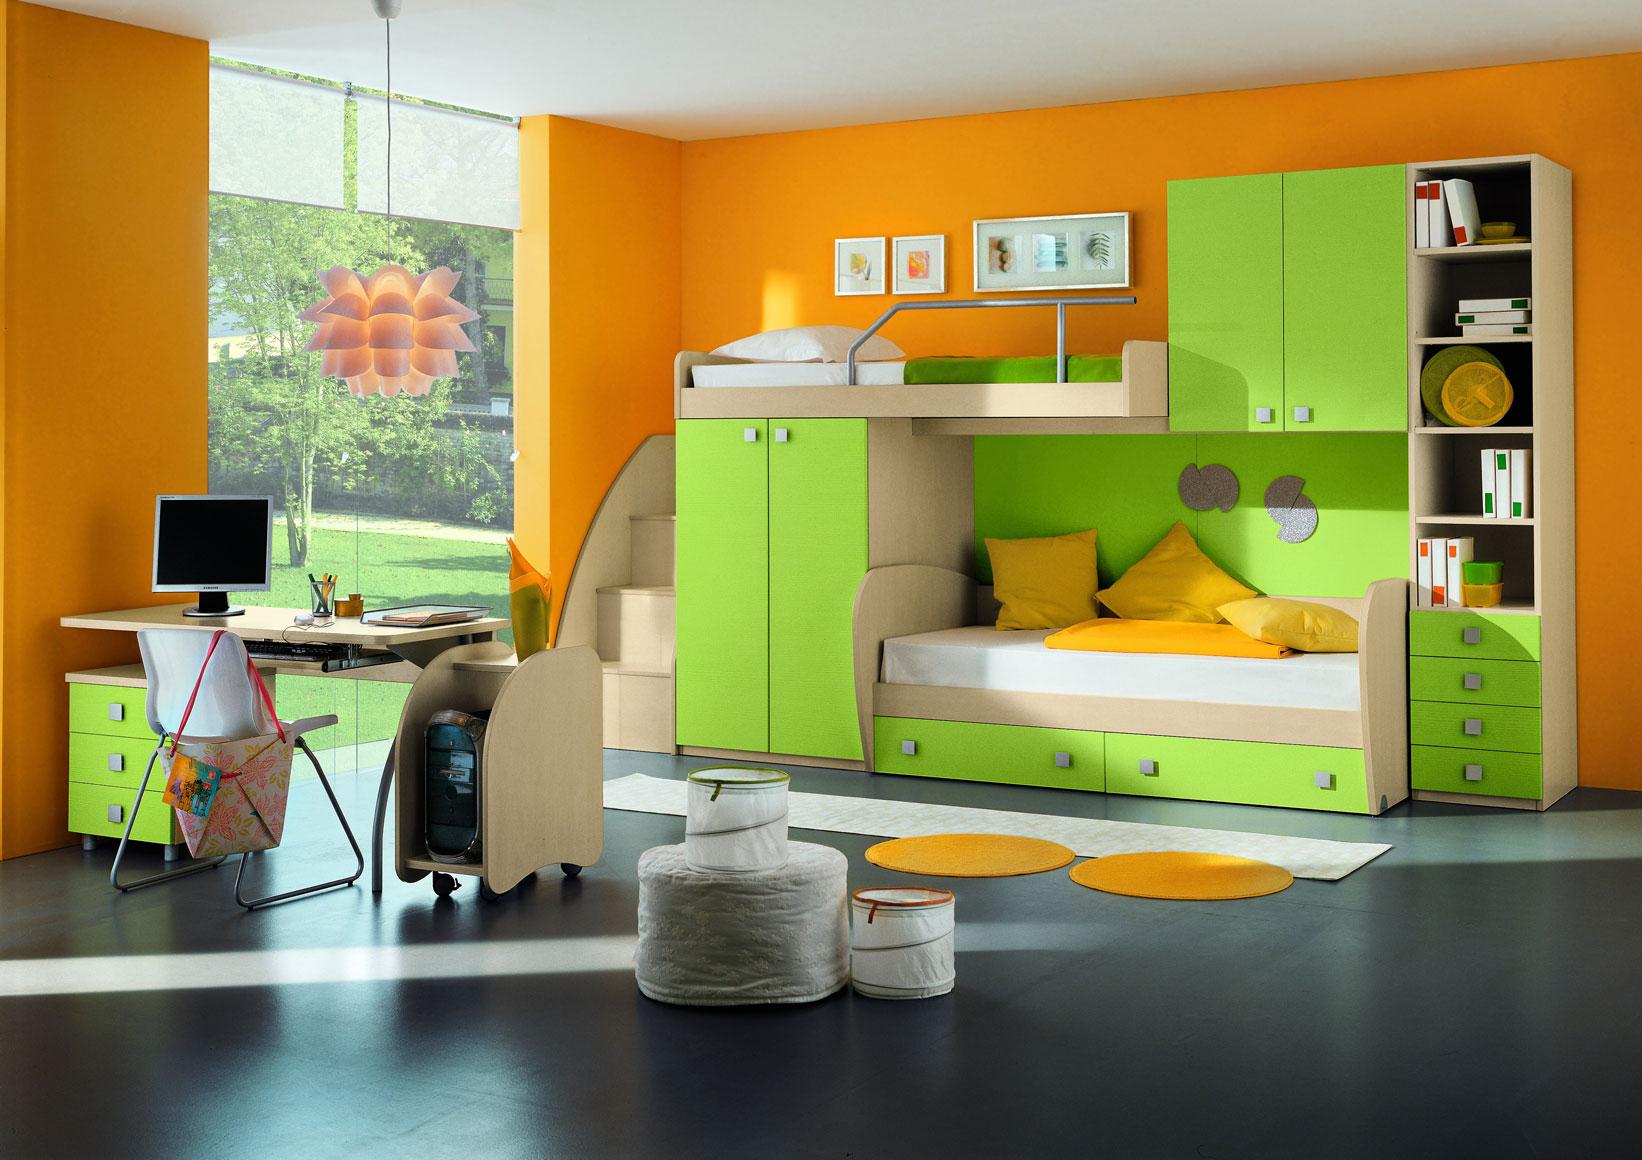 Детская радость: Оборудуем детскую комнату